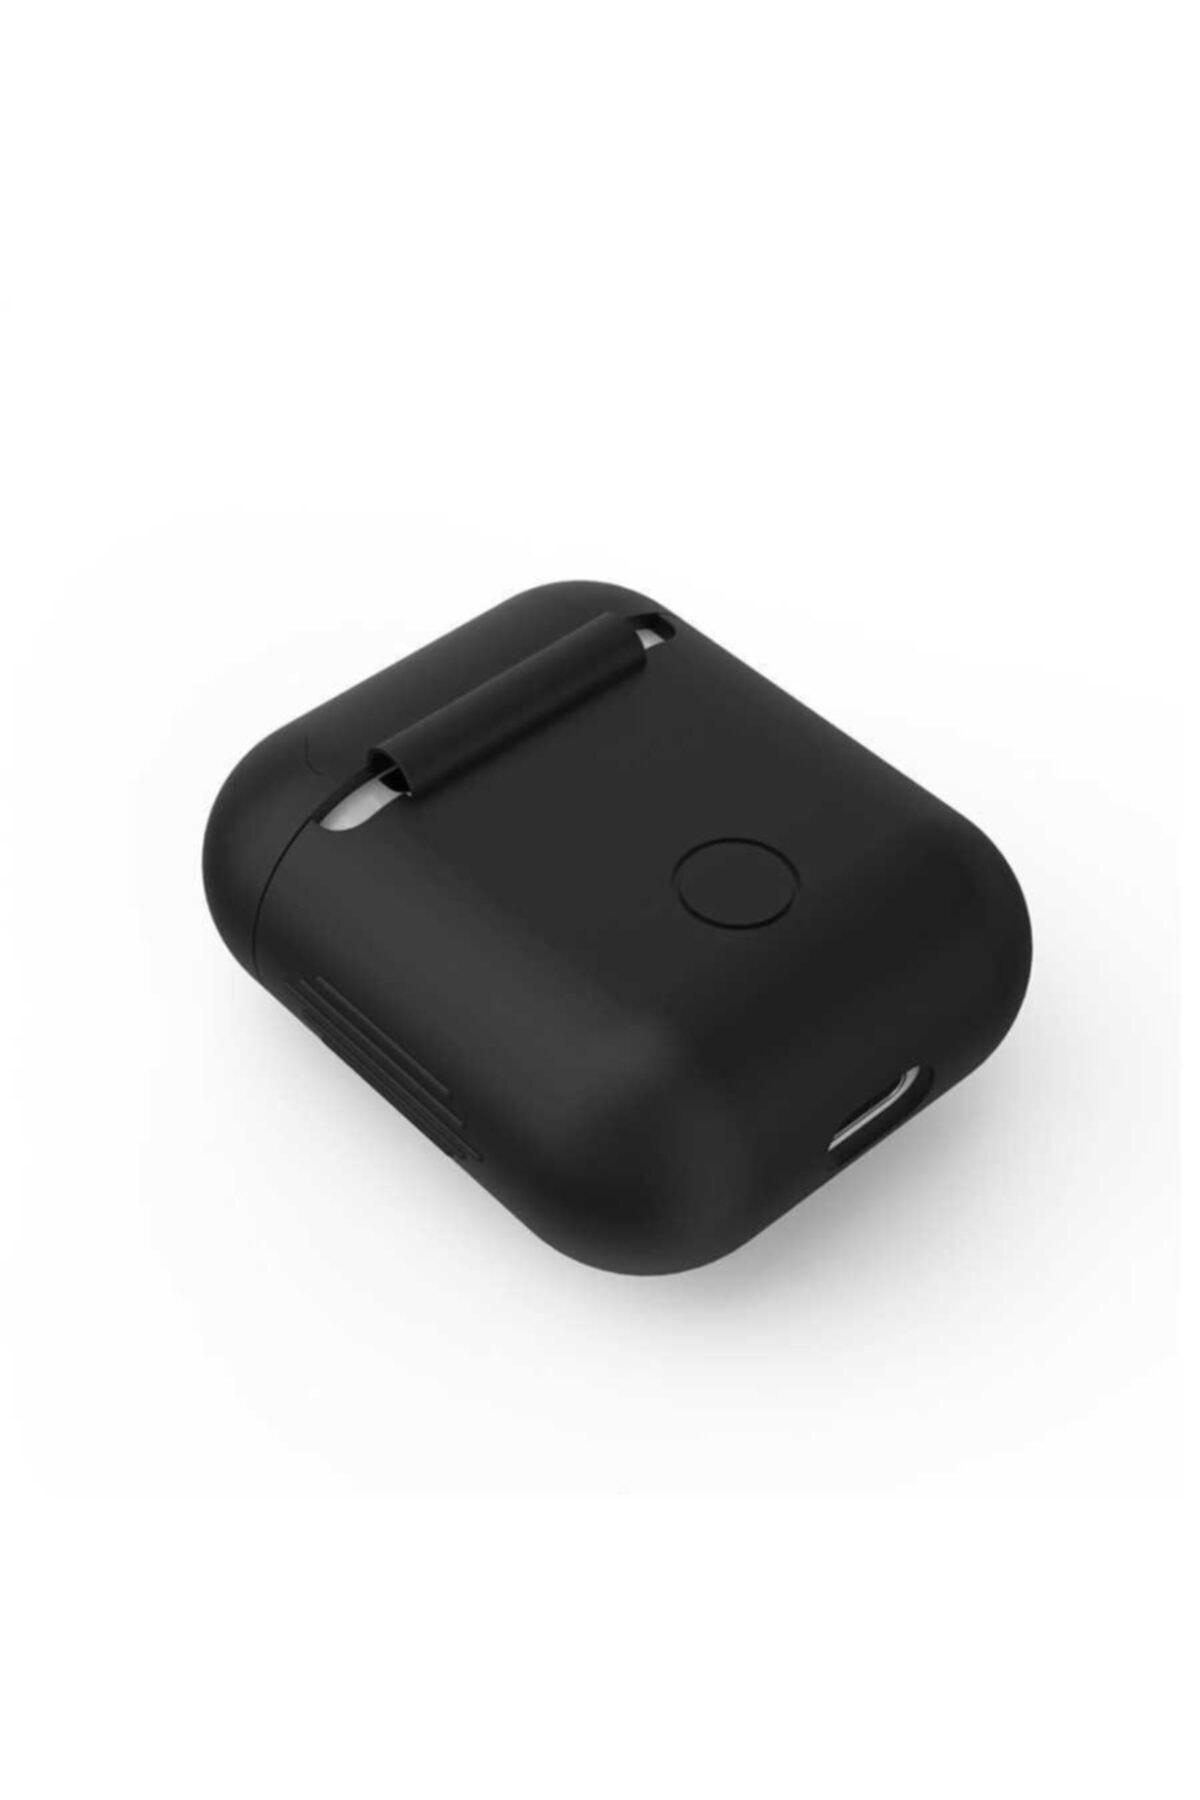 zore Airpods Standart Silikon Kılıf 1